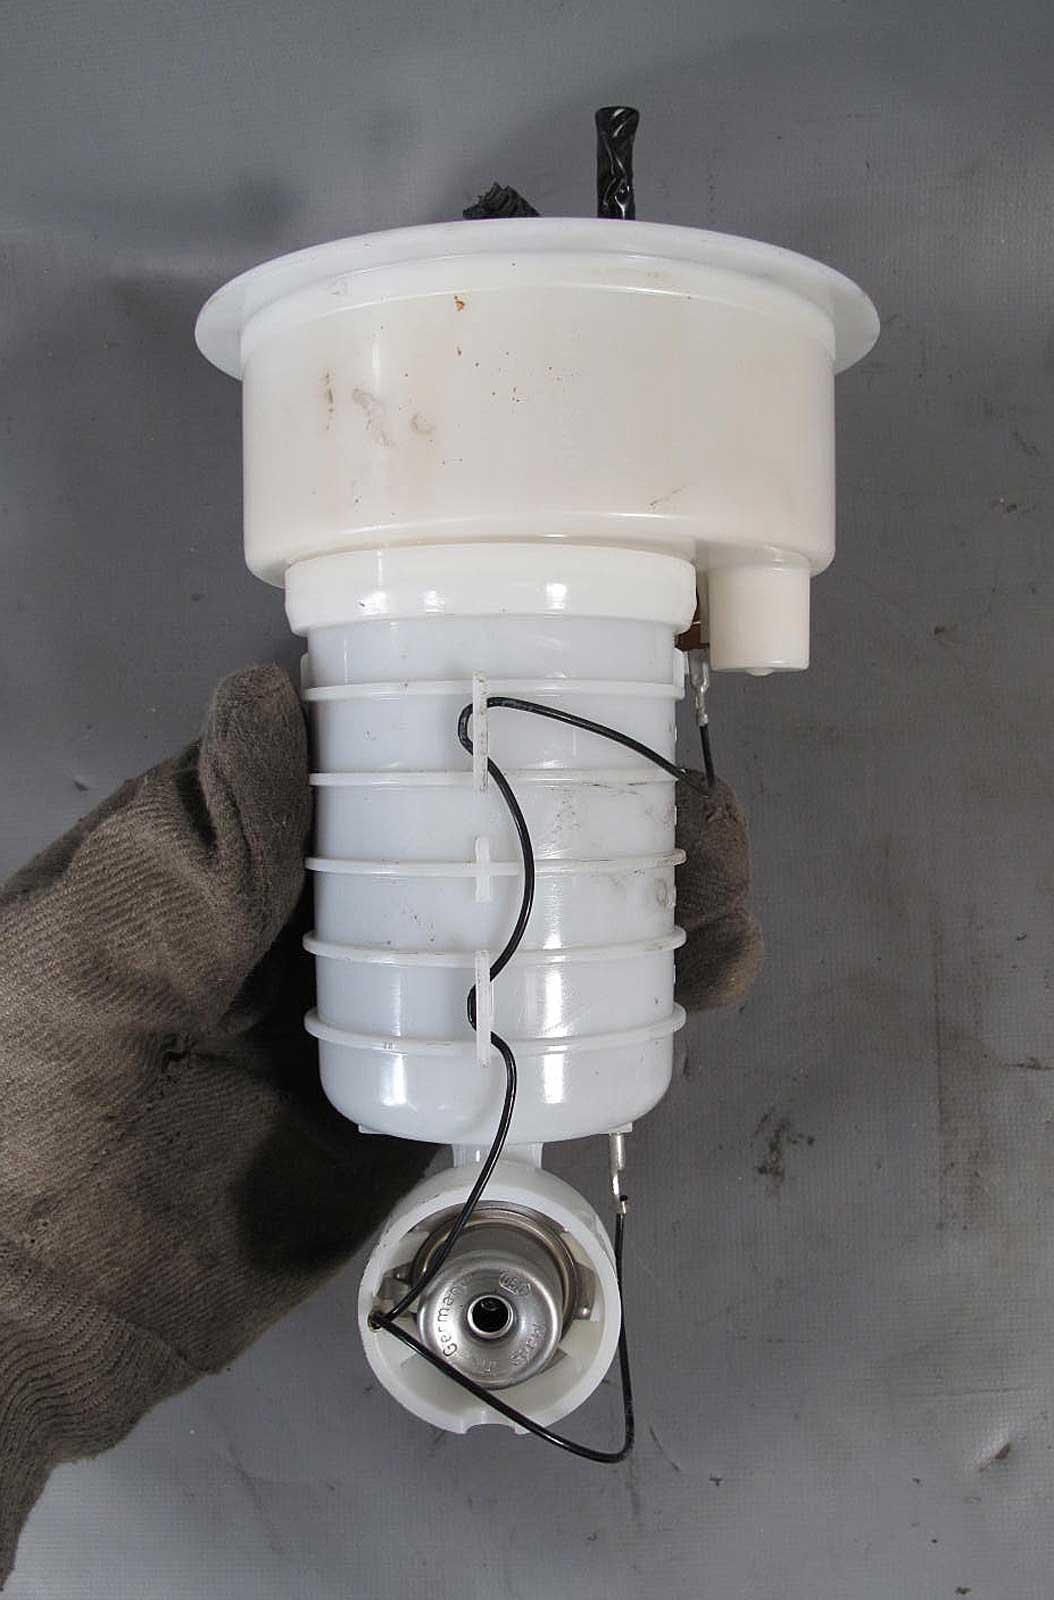 Bmw E85 E86 Z4 N52 S54 Engine Fuel Pressure Regulator